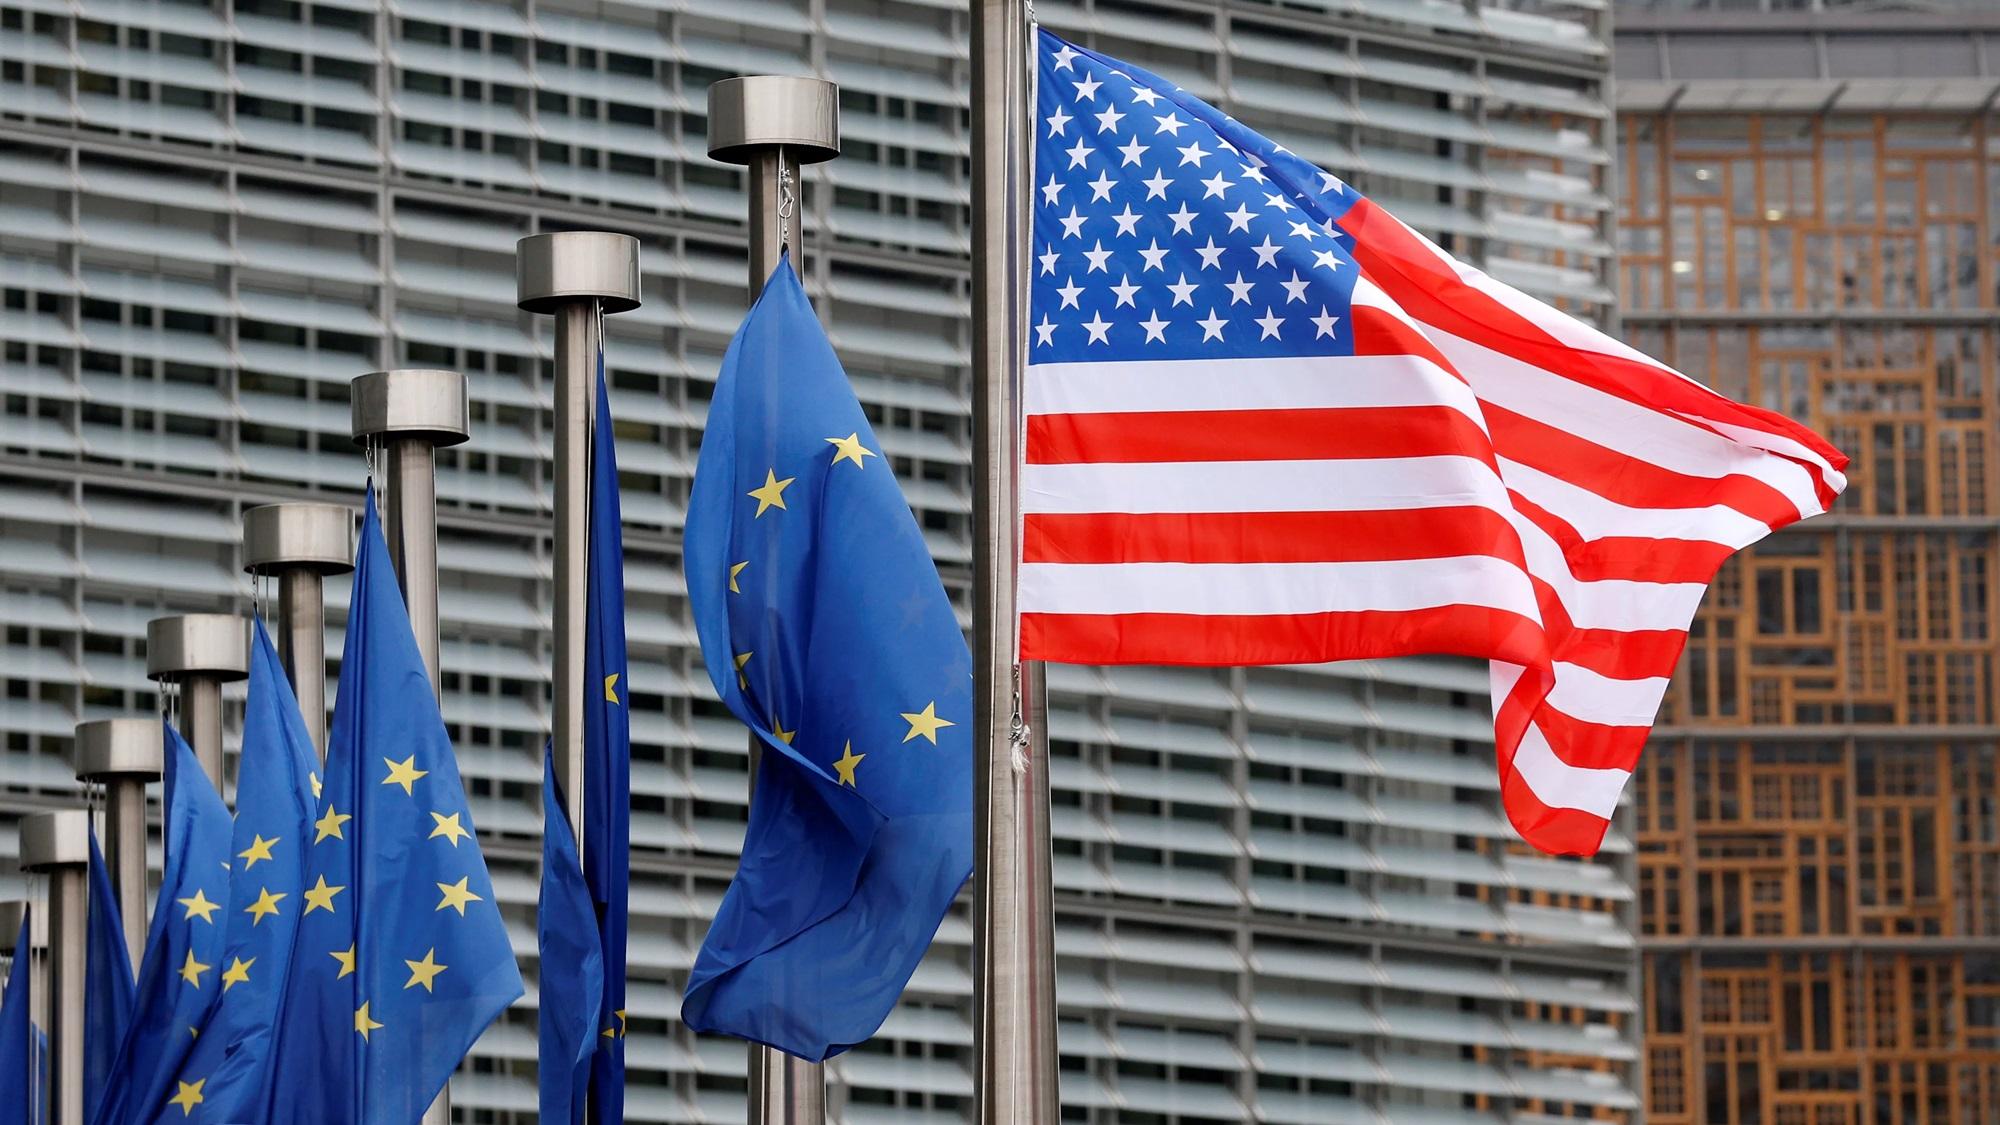 Trump amaga con arancel a autos de la UE; 'ármenlos aquí', exige